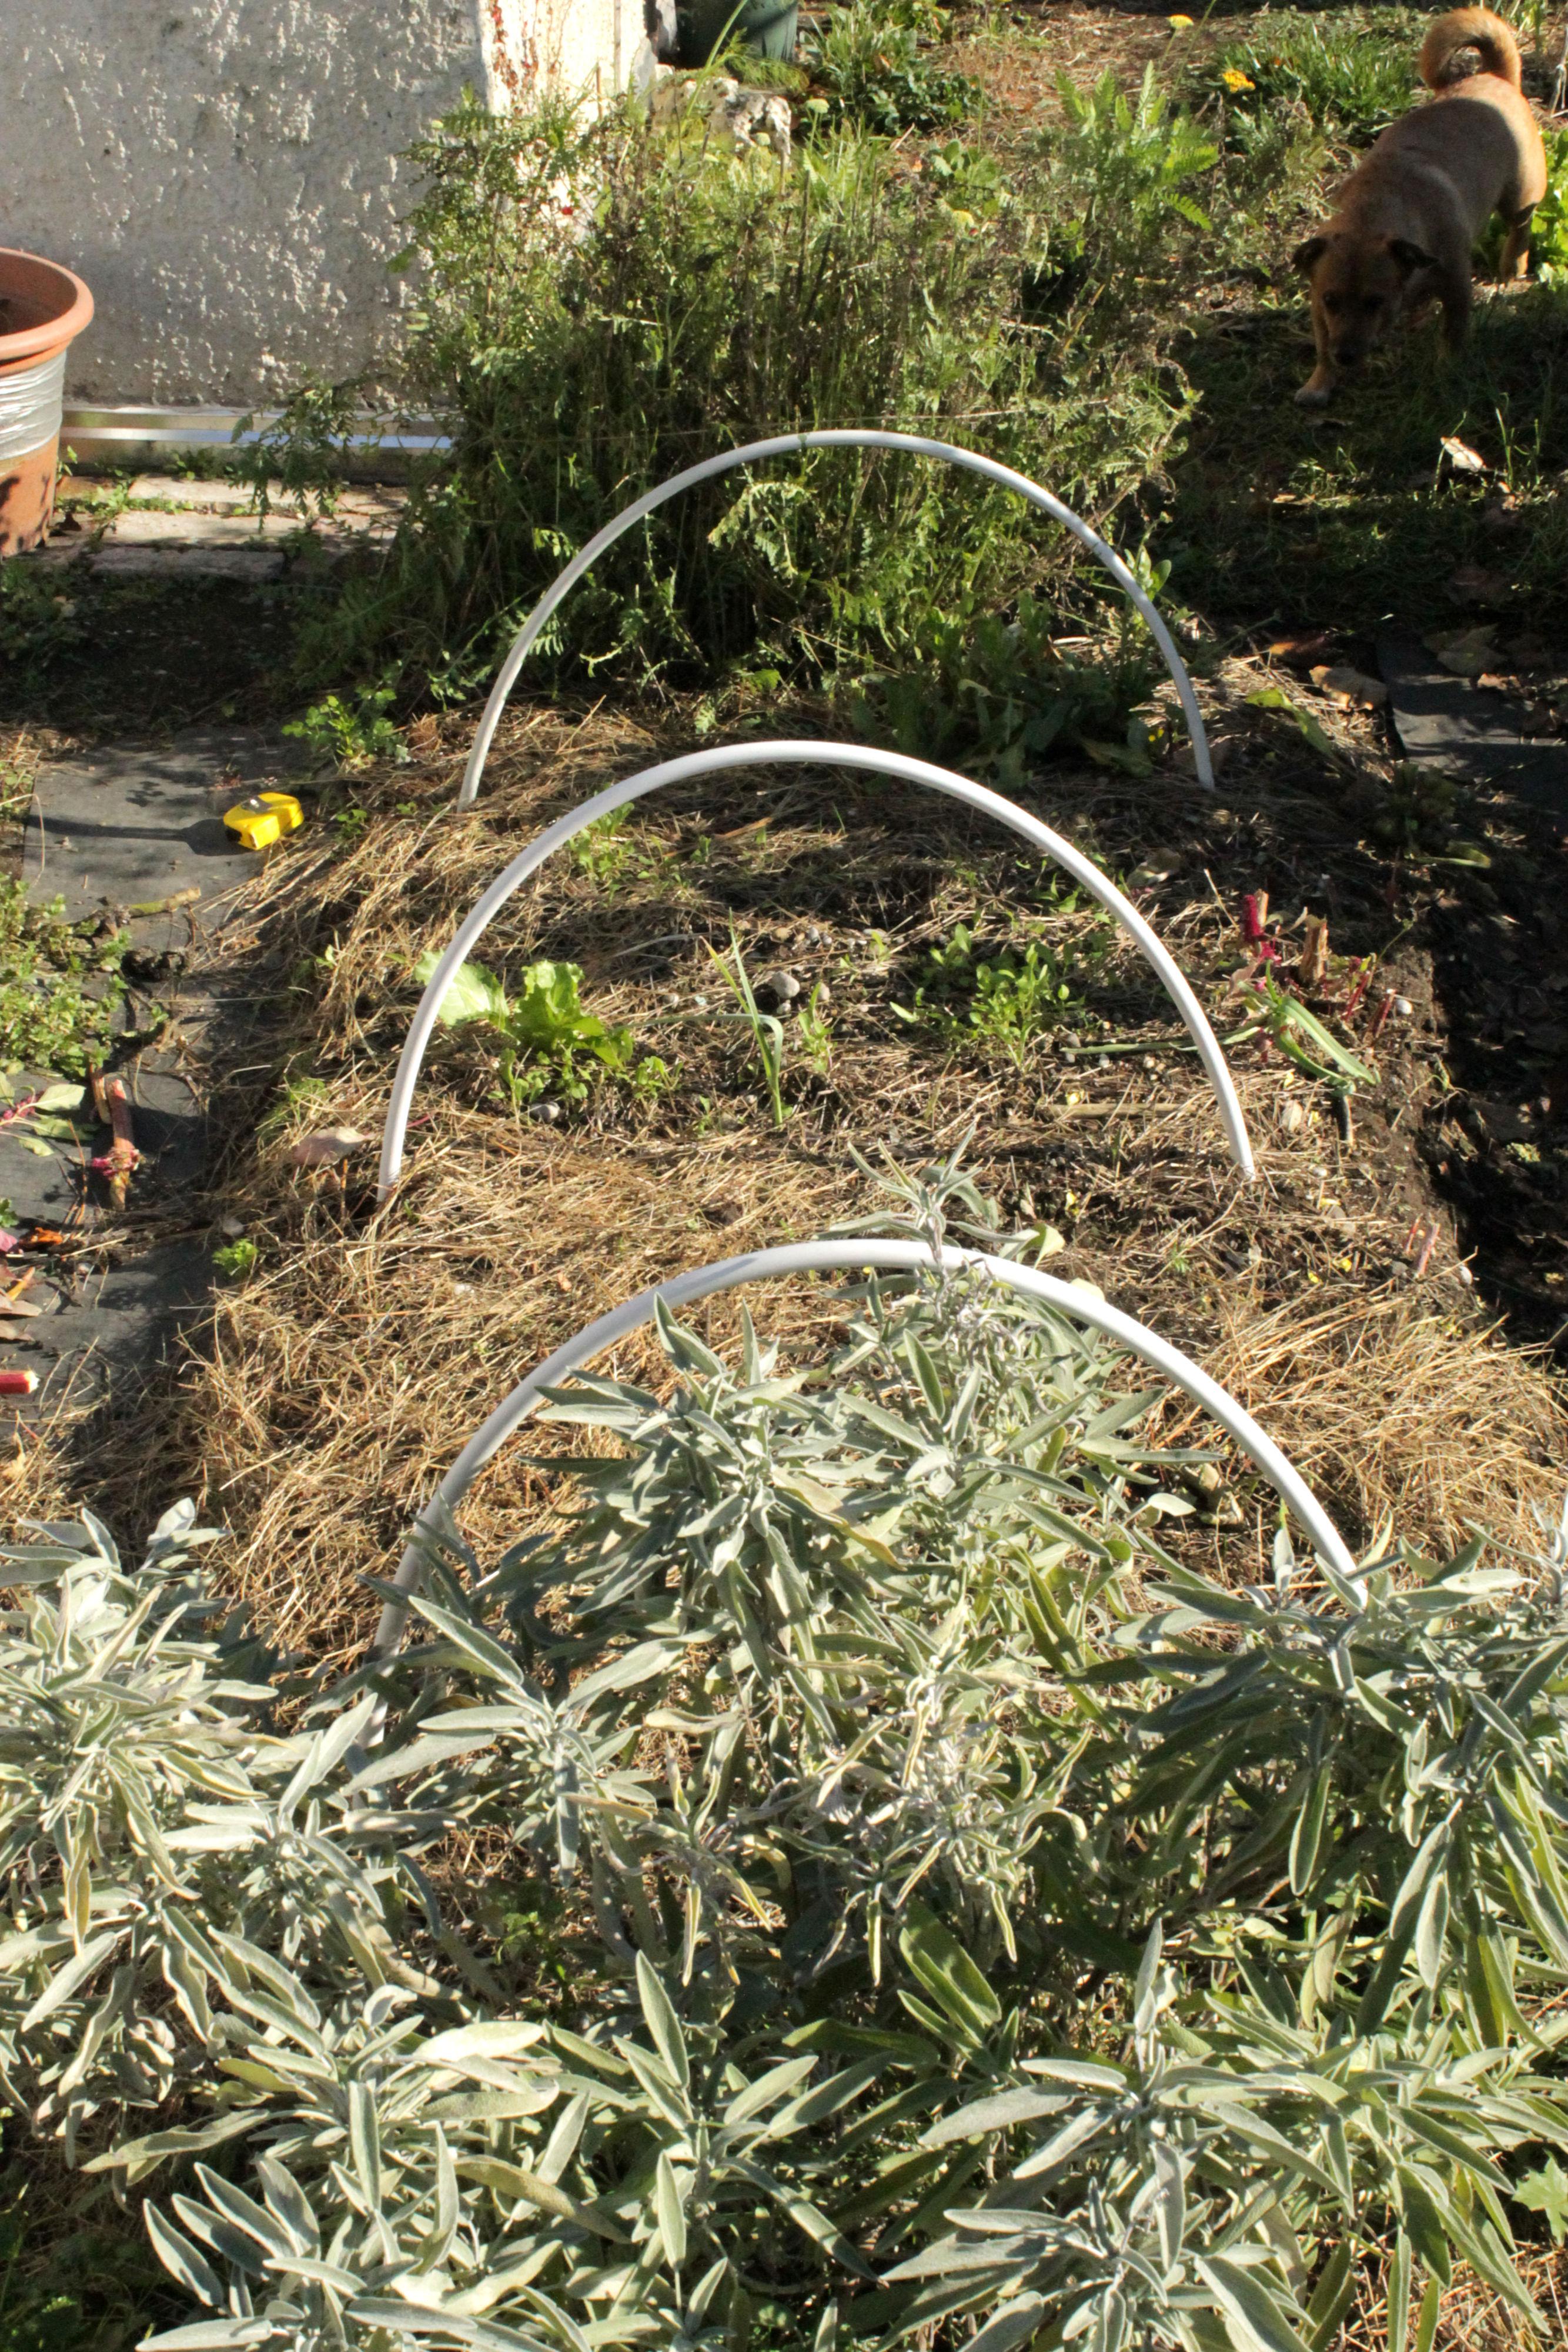 Priprema za zimski san - Urbana vrtlarka